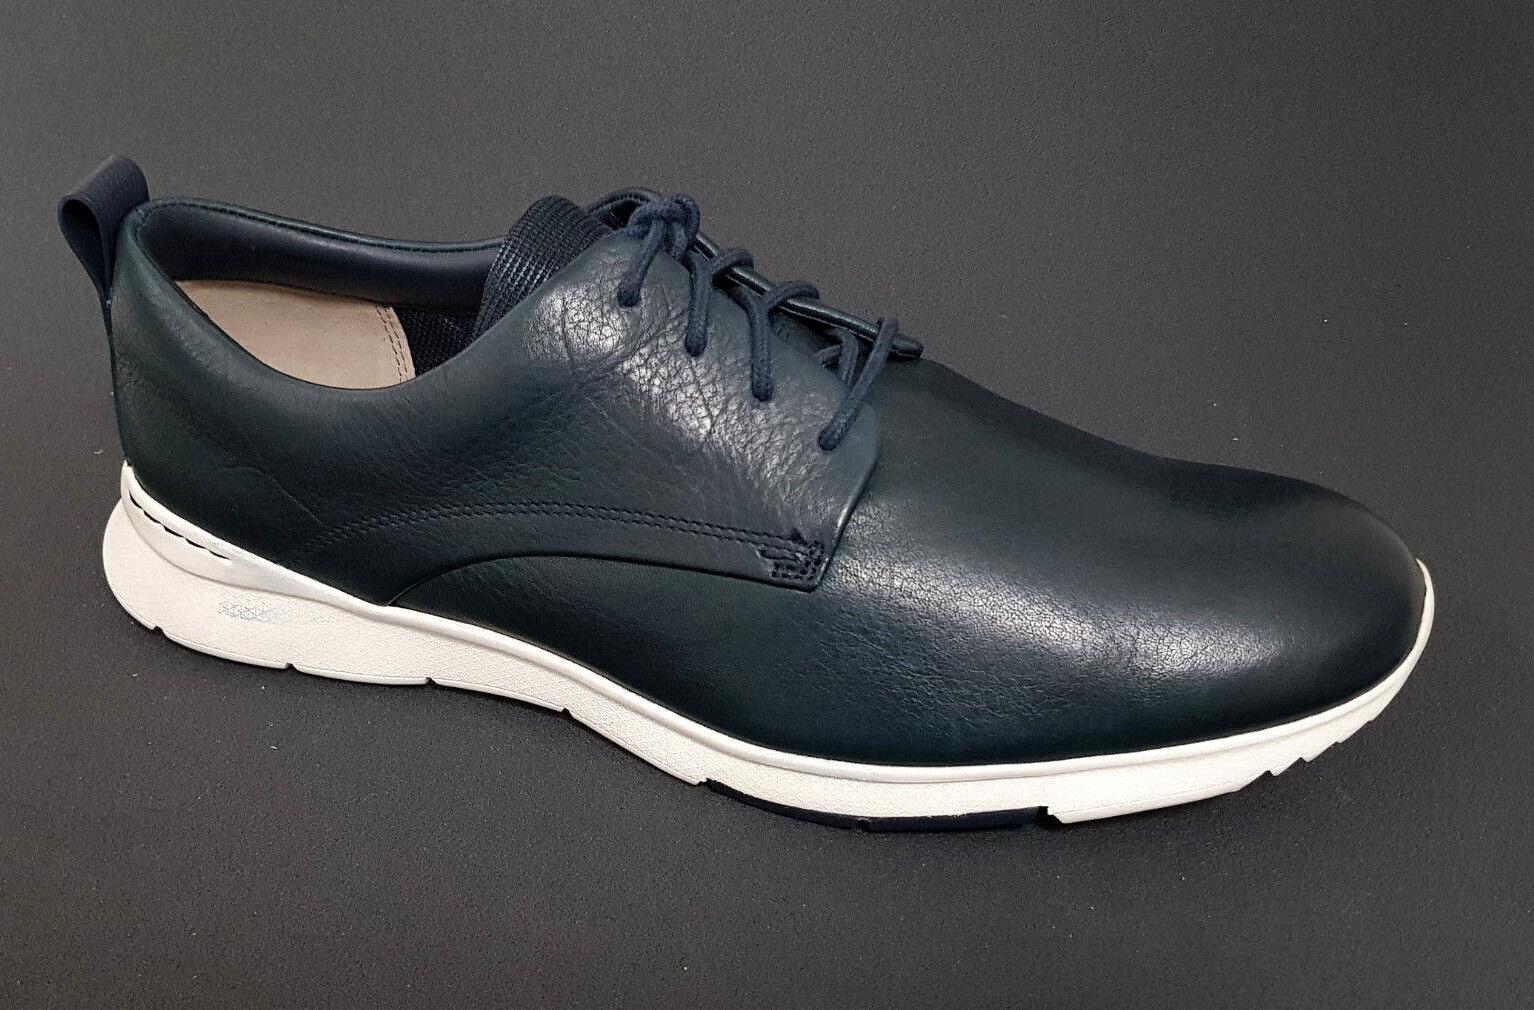 Herren Clarks Sneaker Sport Schuhe Schnürschuhe Blau Leder Neu - 25 % SALE